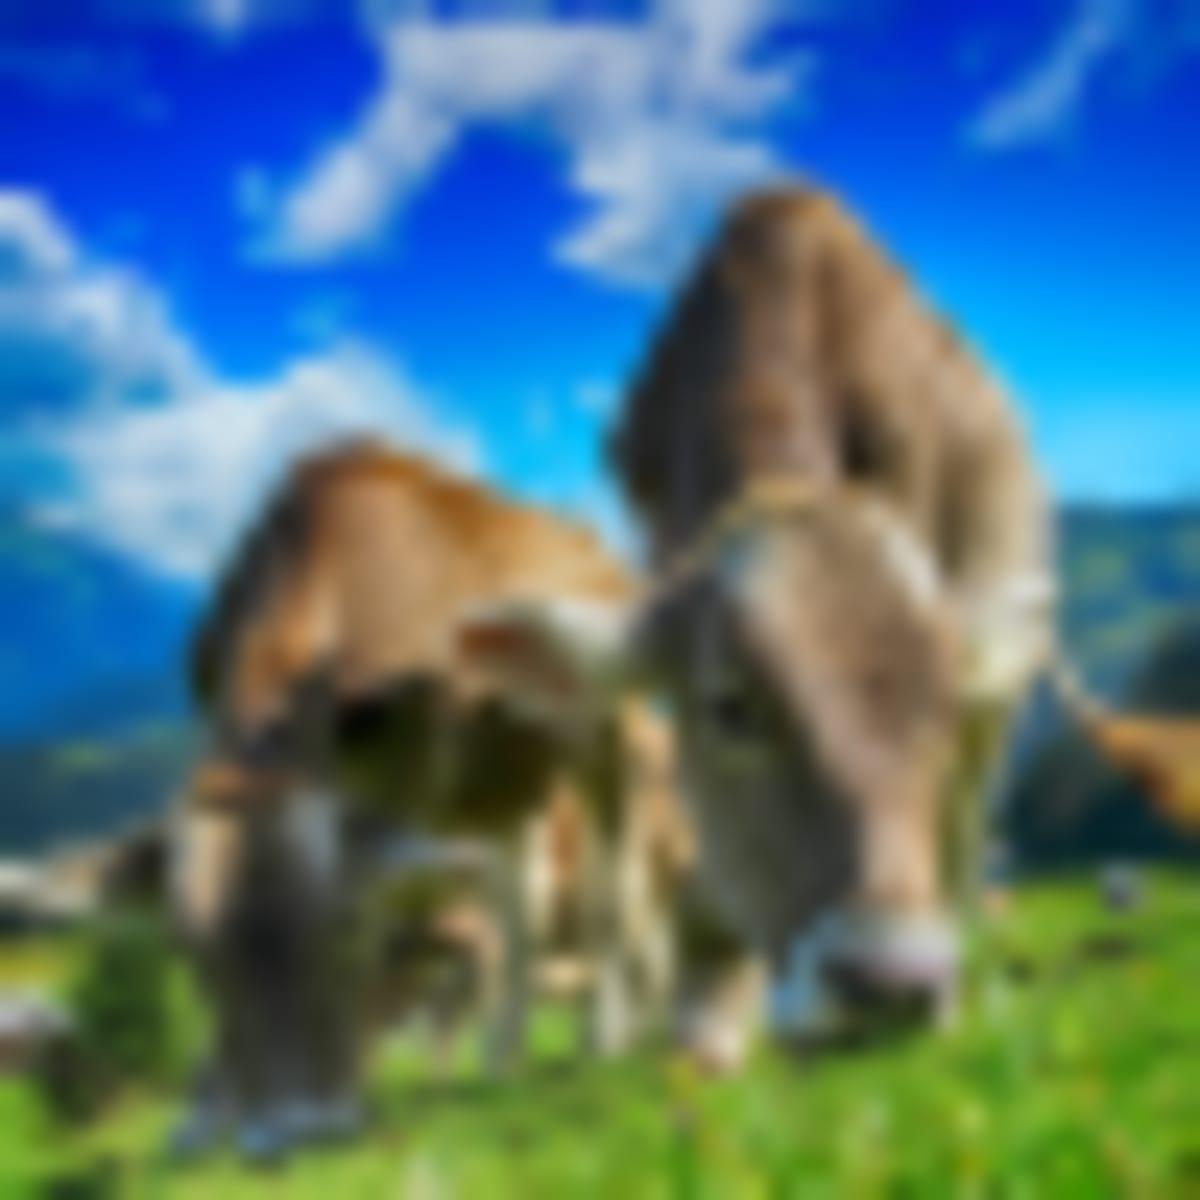 82%-kal csökkenthető a szarvasmarhák metánkibocsátása